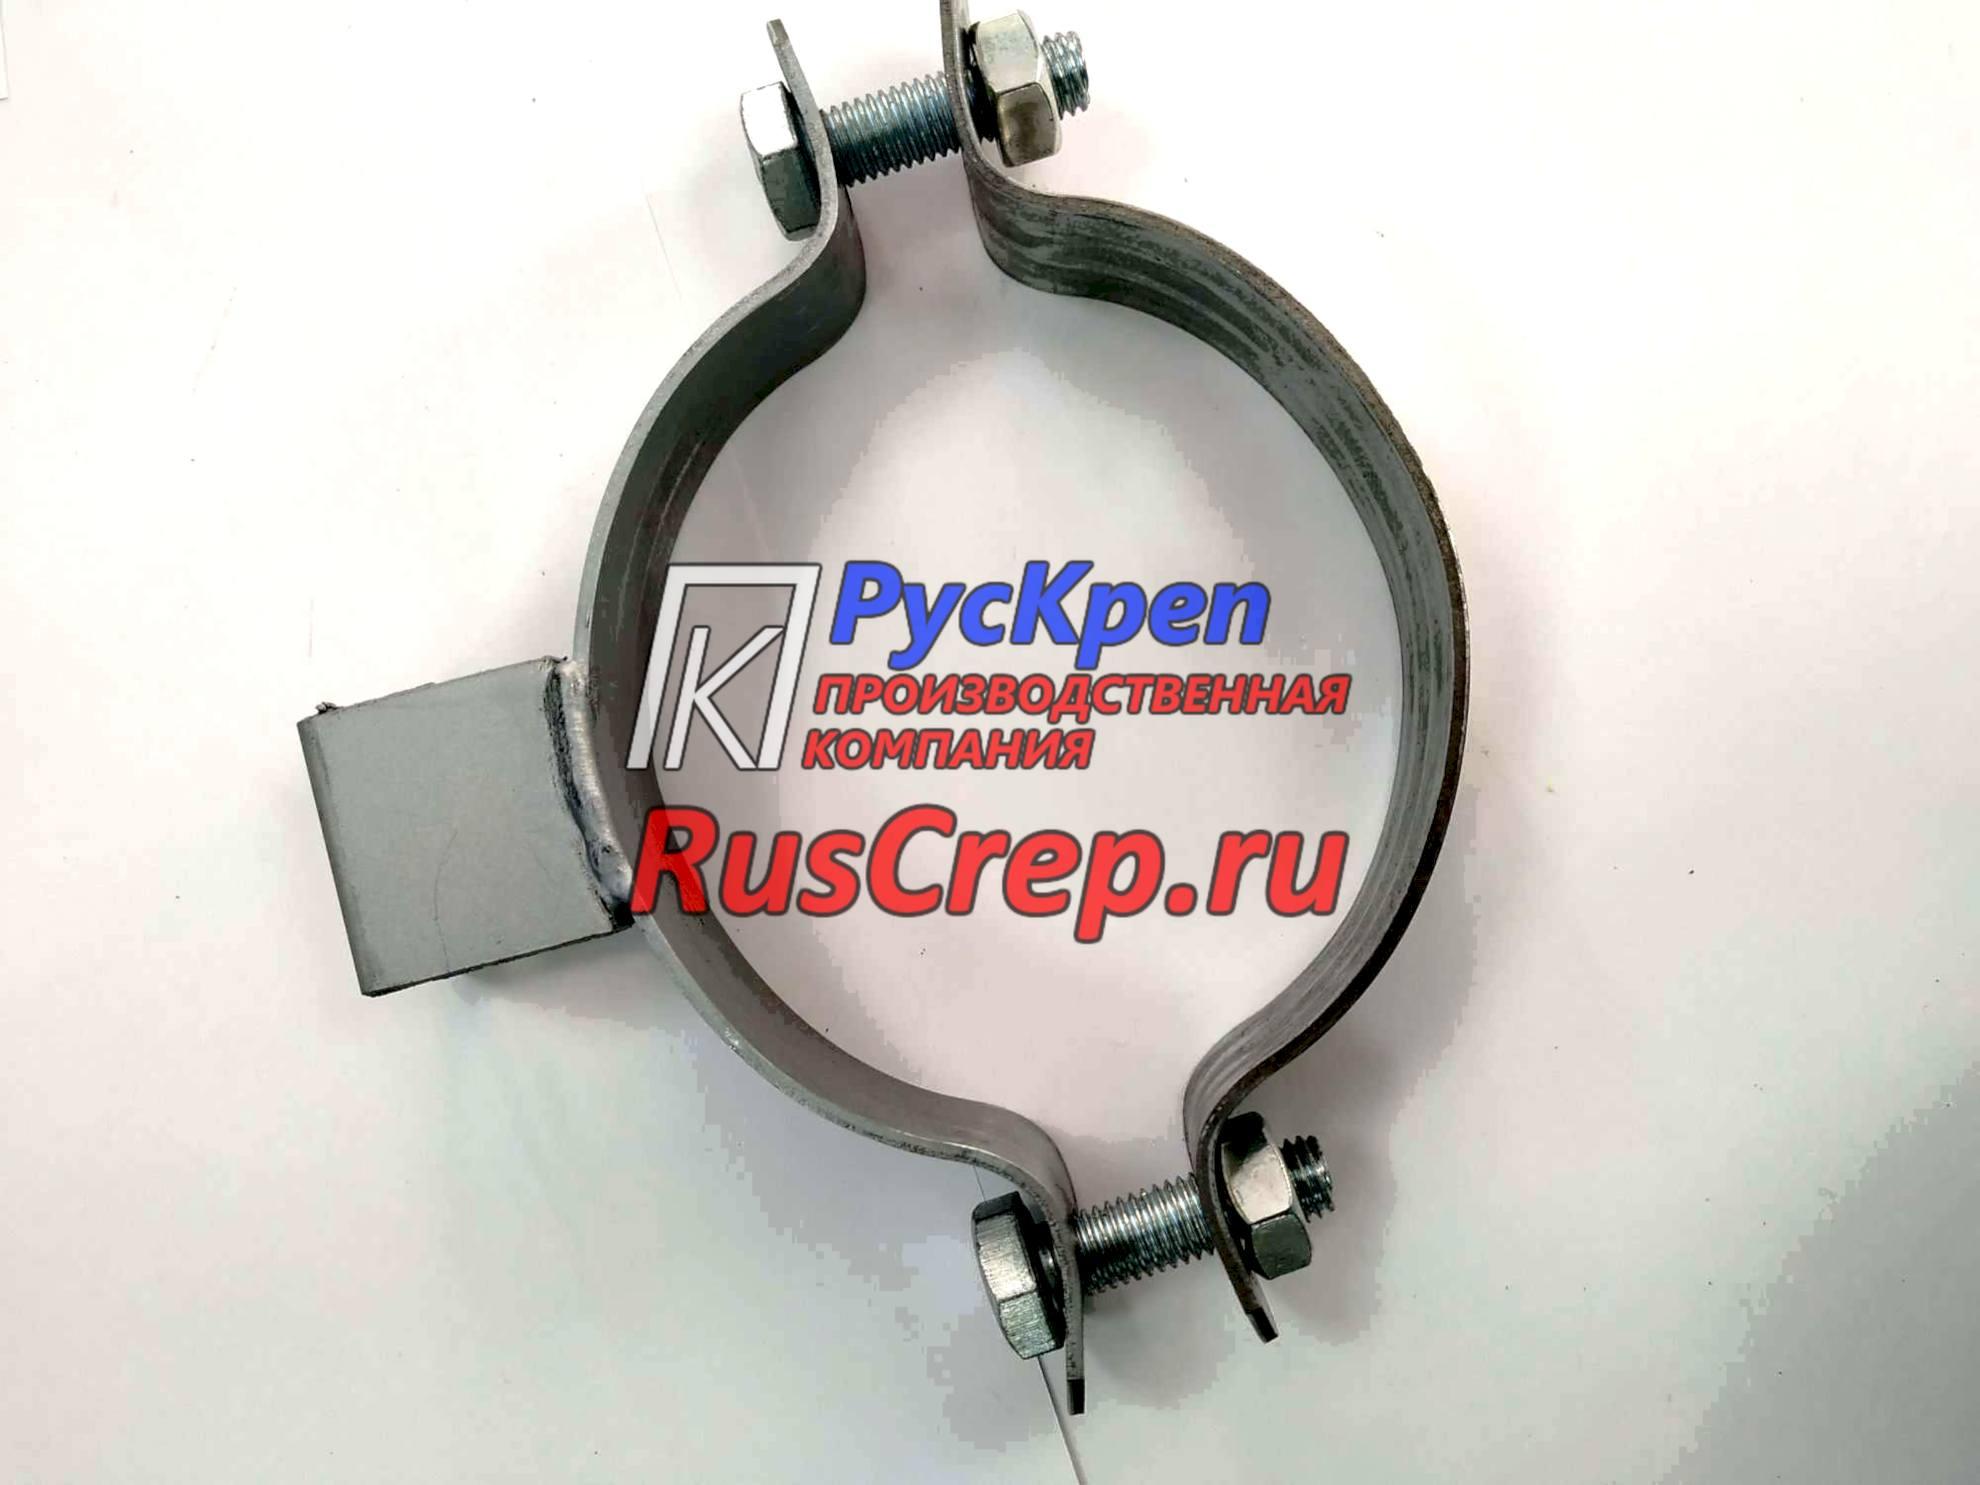 Хомут высокой нагрузки с отверстием в П-обр. подвесе без резинового уплотнителя EPDM